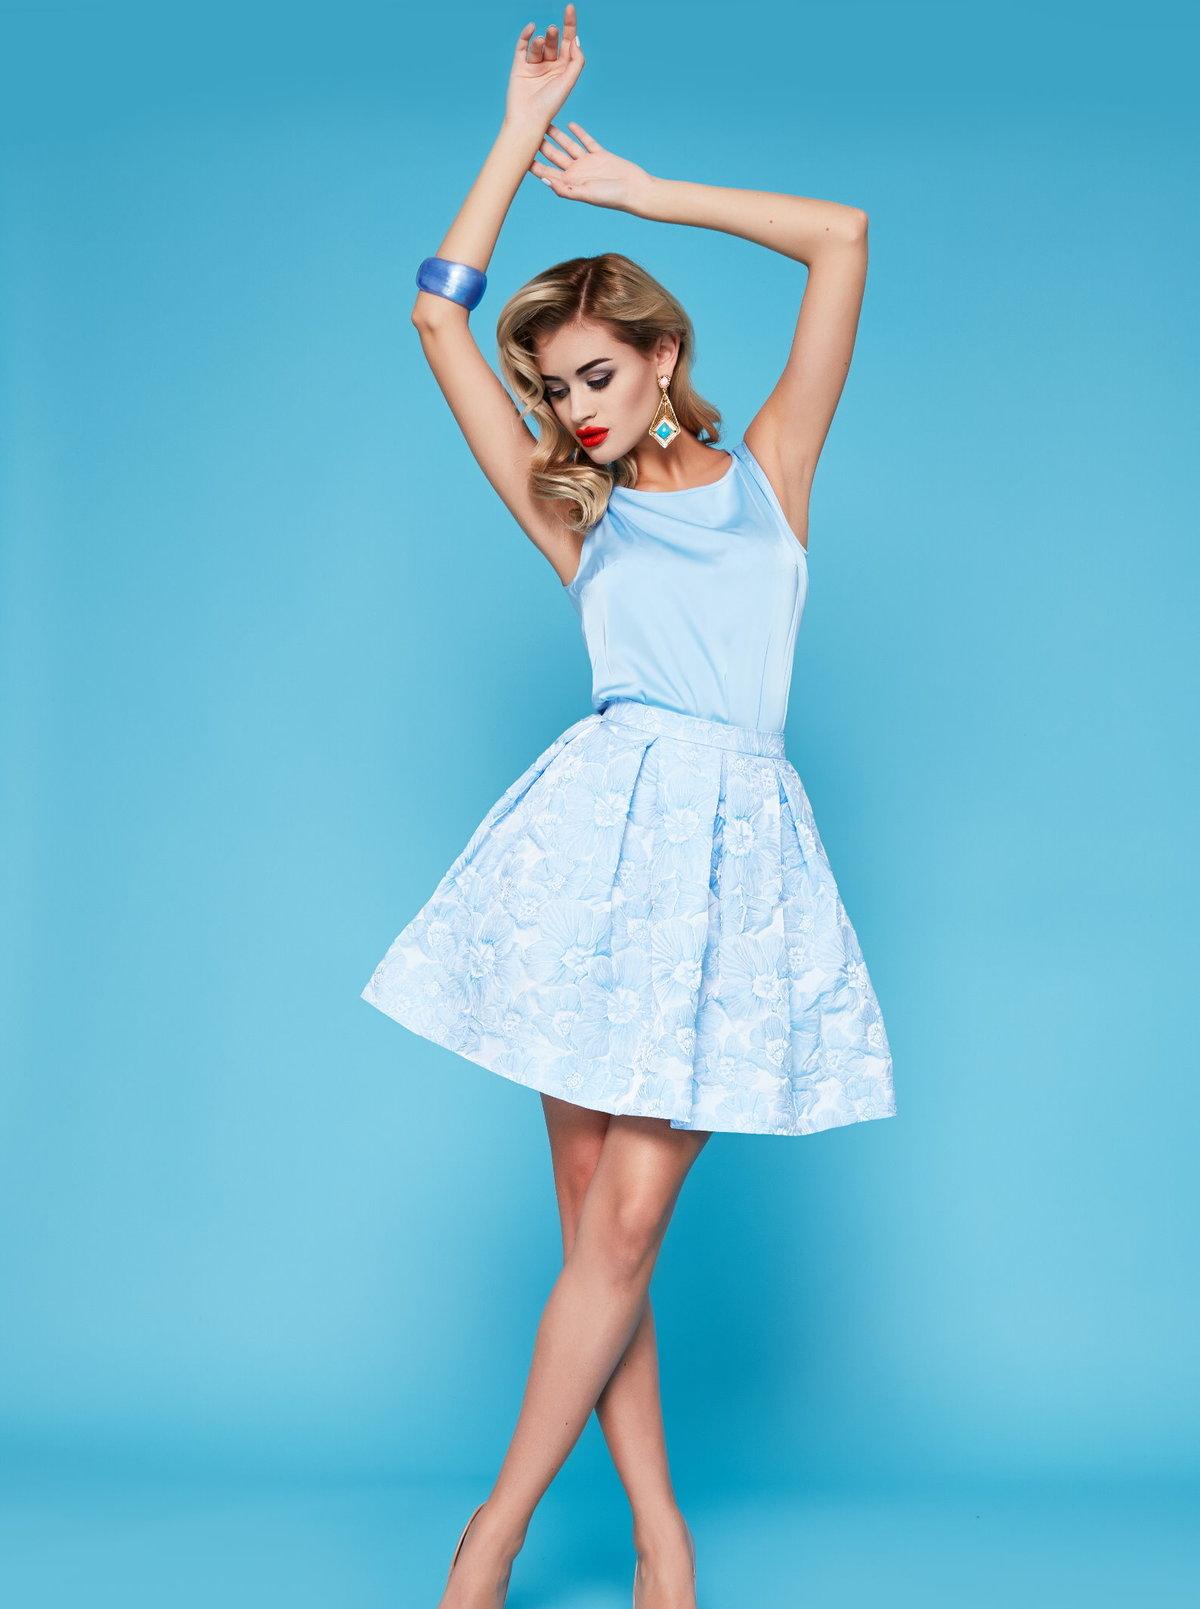 Фото платья стиля беби долл